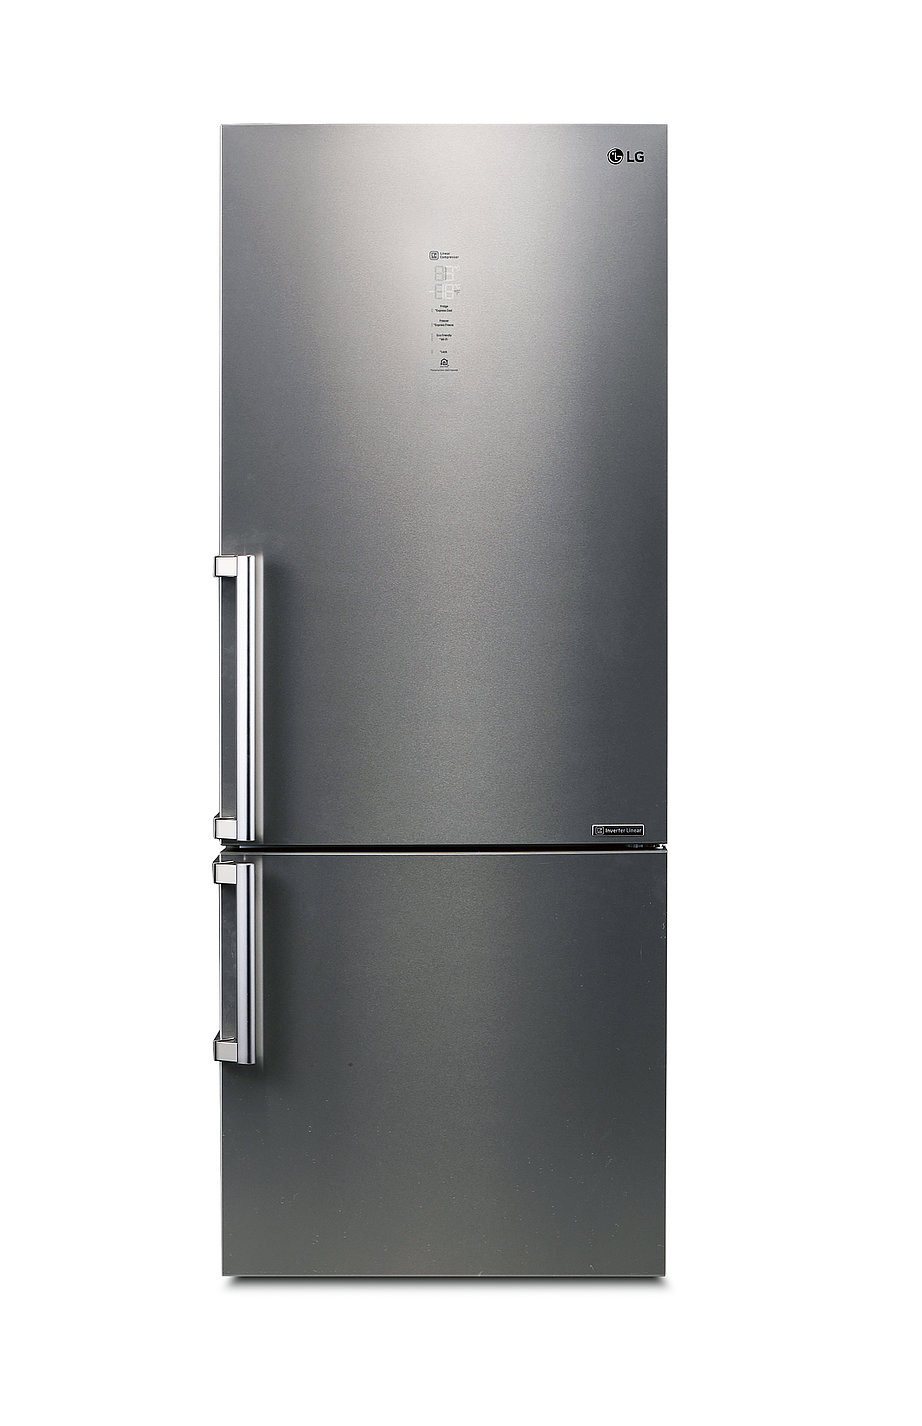 LG Bottom Freezer (Universe) | Red Dot Design Award